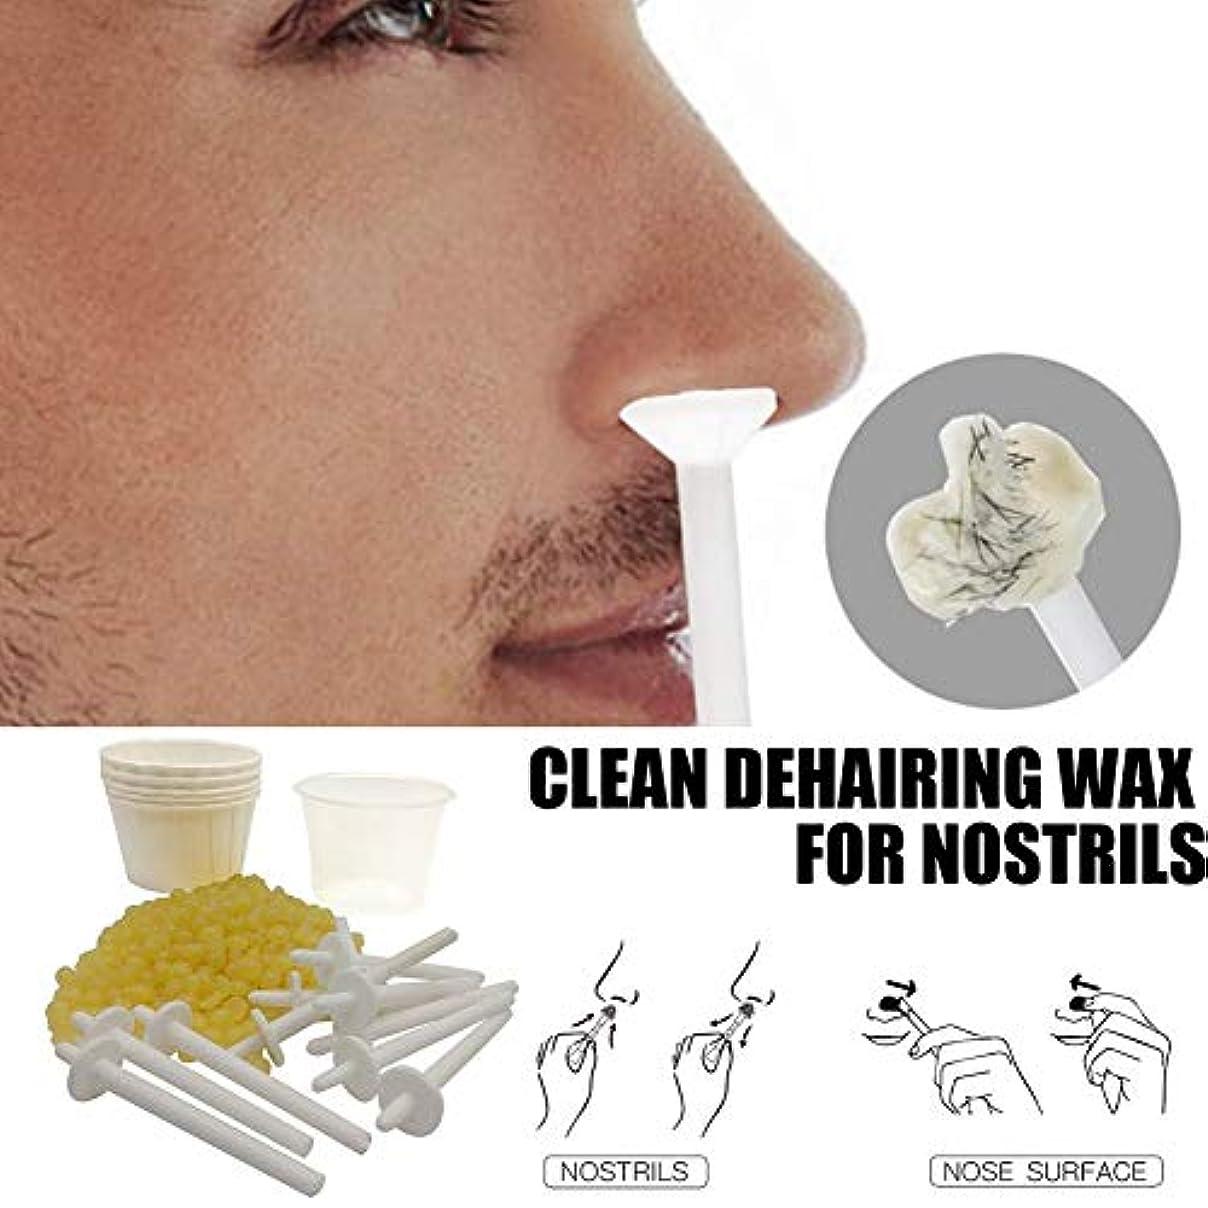 ごちそうステレオ豚SILUN 鼻毛除去ワックスキット 鼻毛除去化粧道具 ノーズワックスポッド ポータブル道具 迅速かつ無痛 (50グラム/ 10回使用回数)